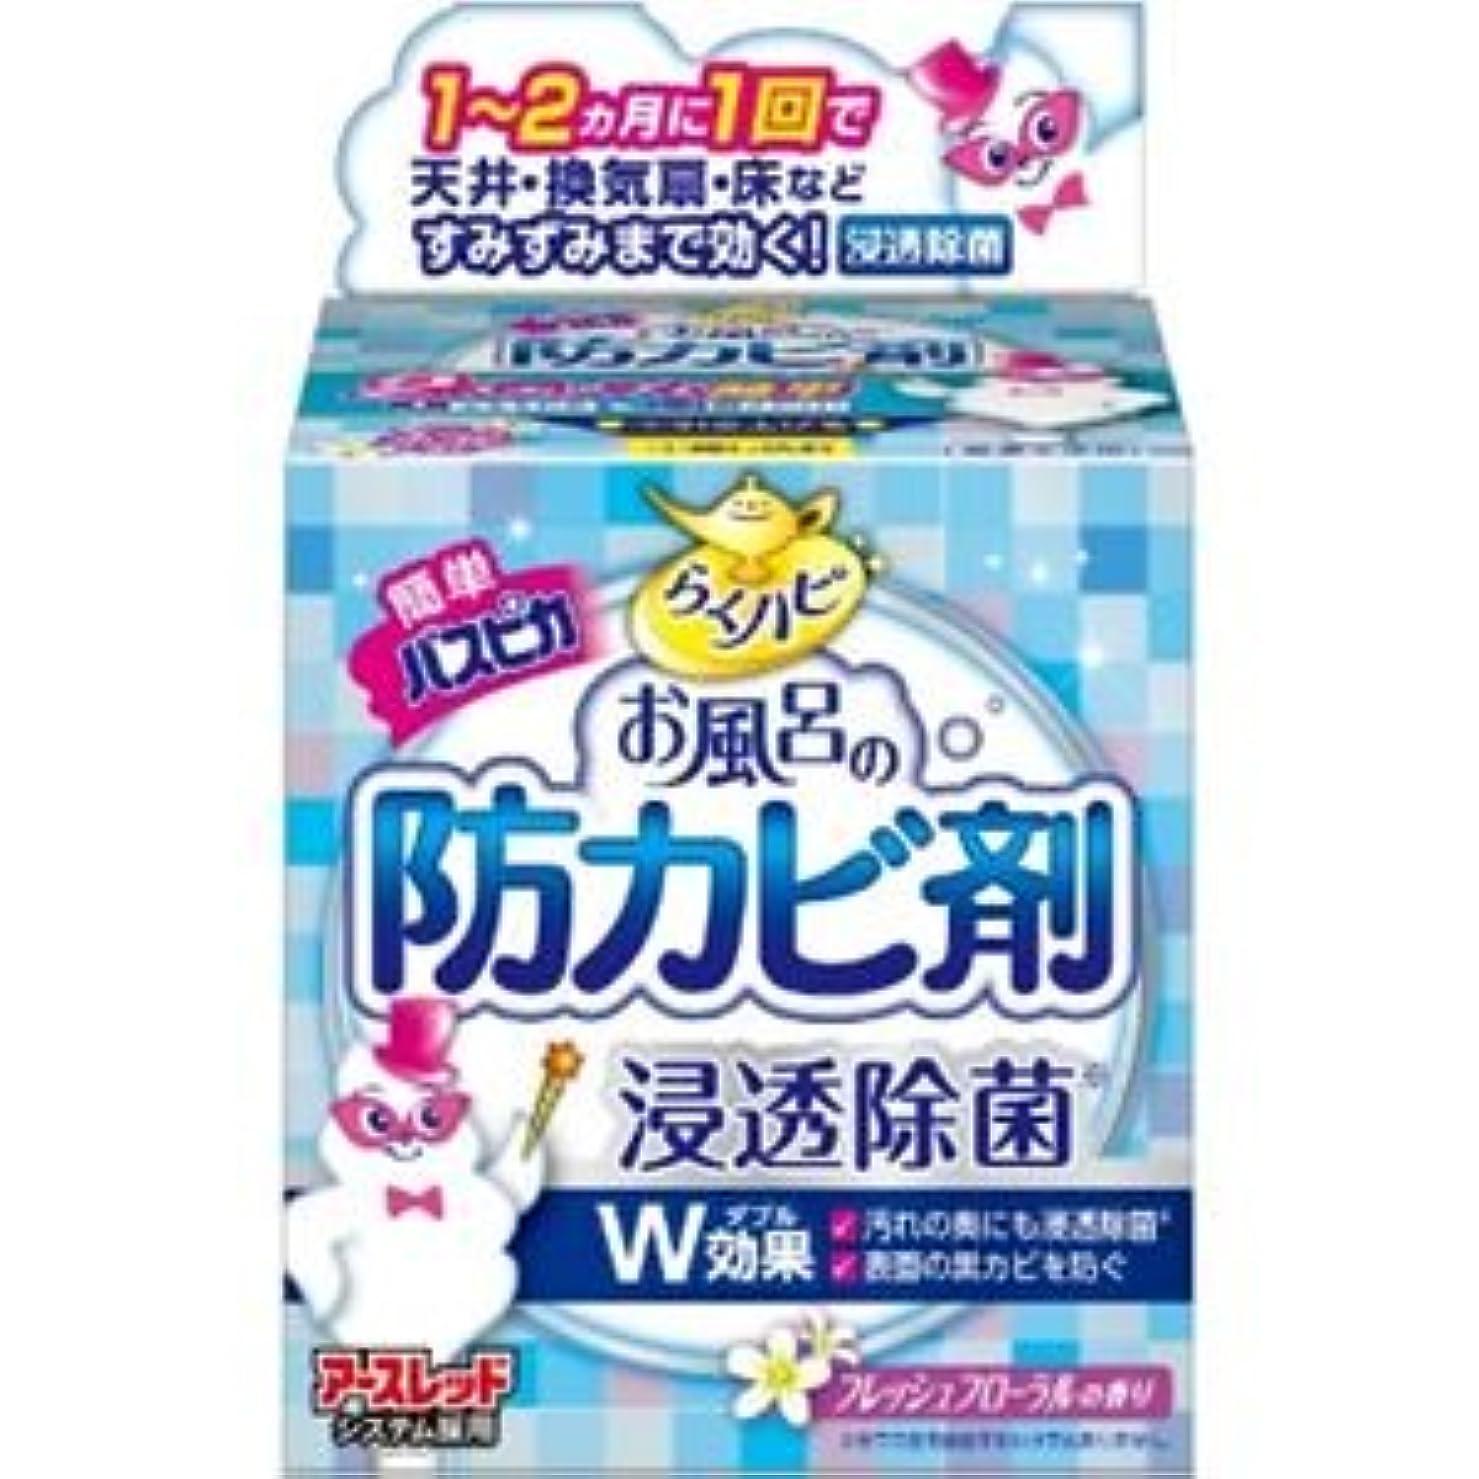 奇跡寛容かもしれない(まとめ)アース製薬 らくハピお風呂の防カビ剤フローラルの香り 【×3点セット】